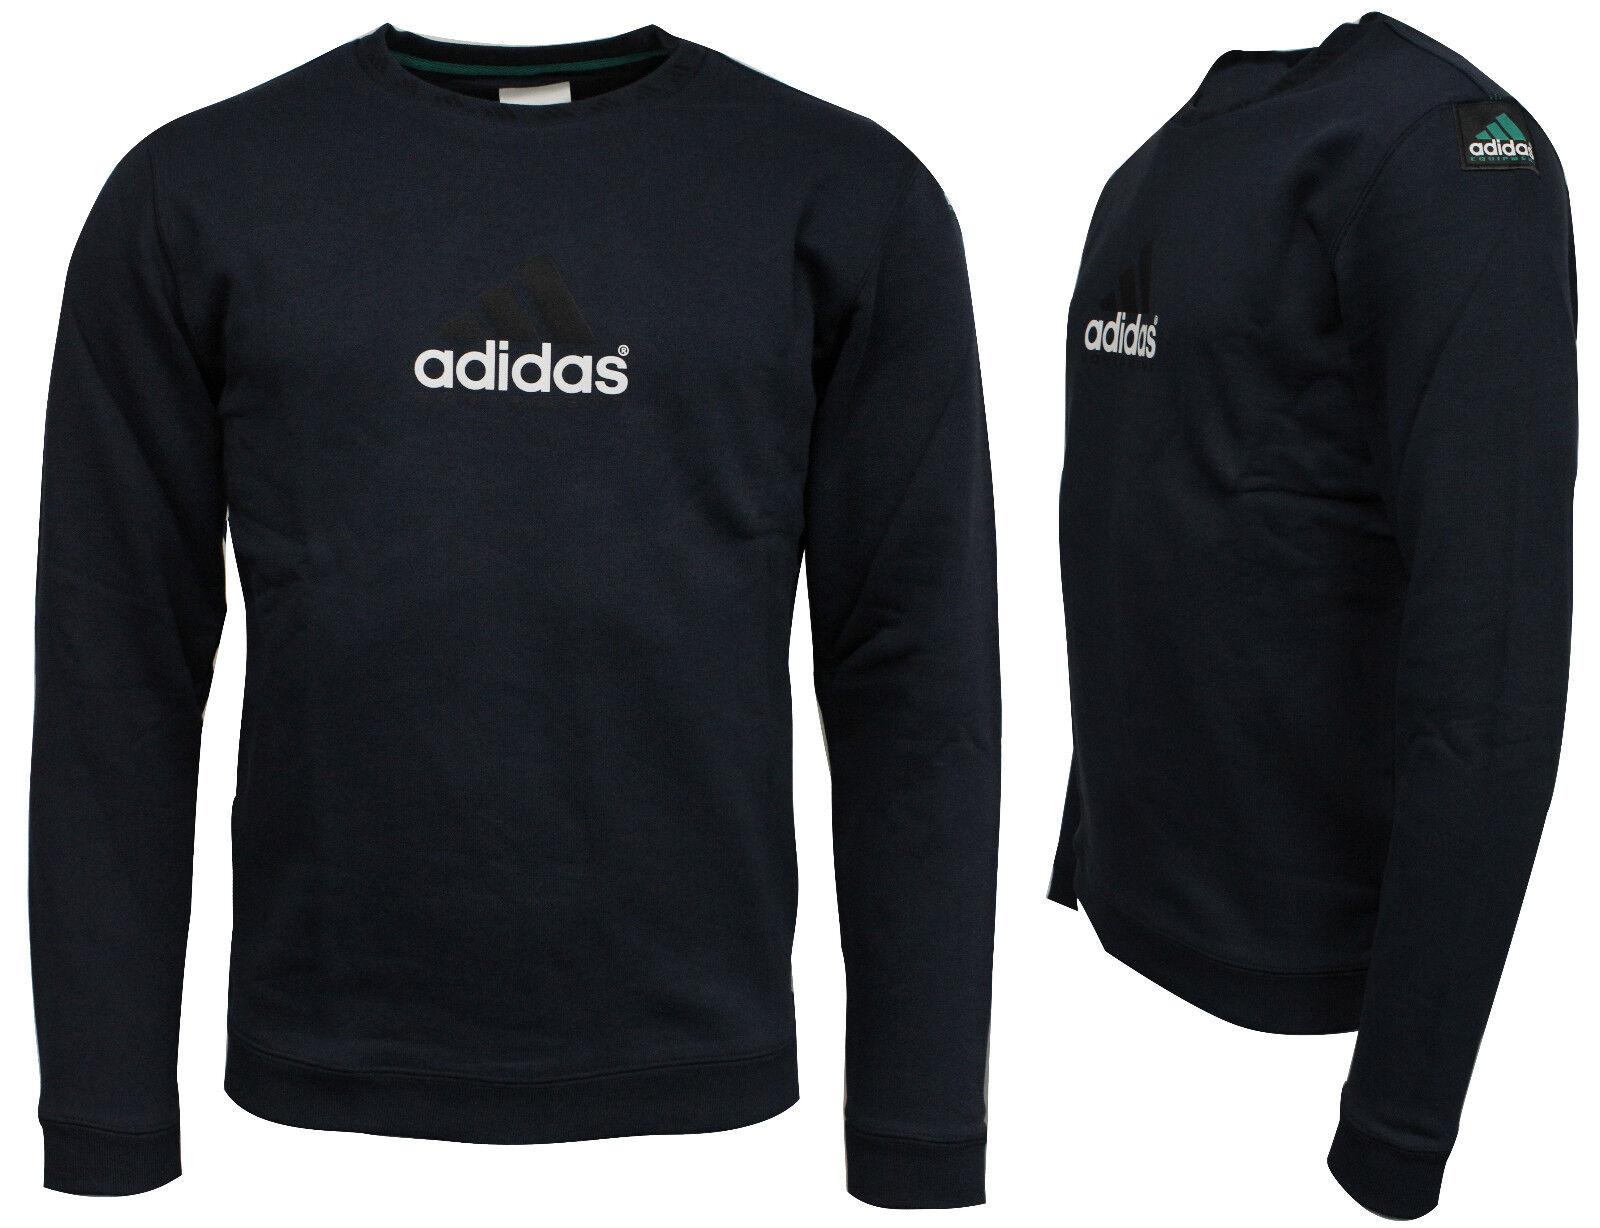 Adidas Originals Eqt Equipment Herren Rundhals Sweatshirt Pulli Marineblau      Exquisite Verarbeitung